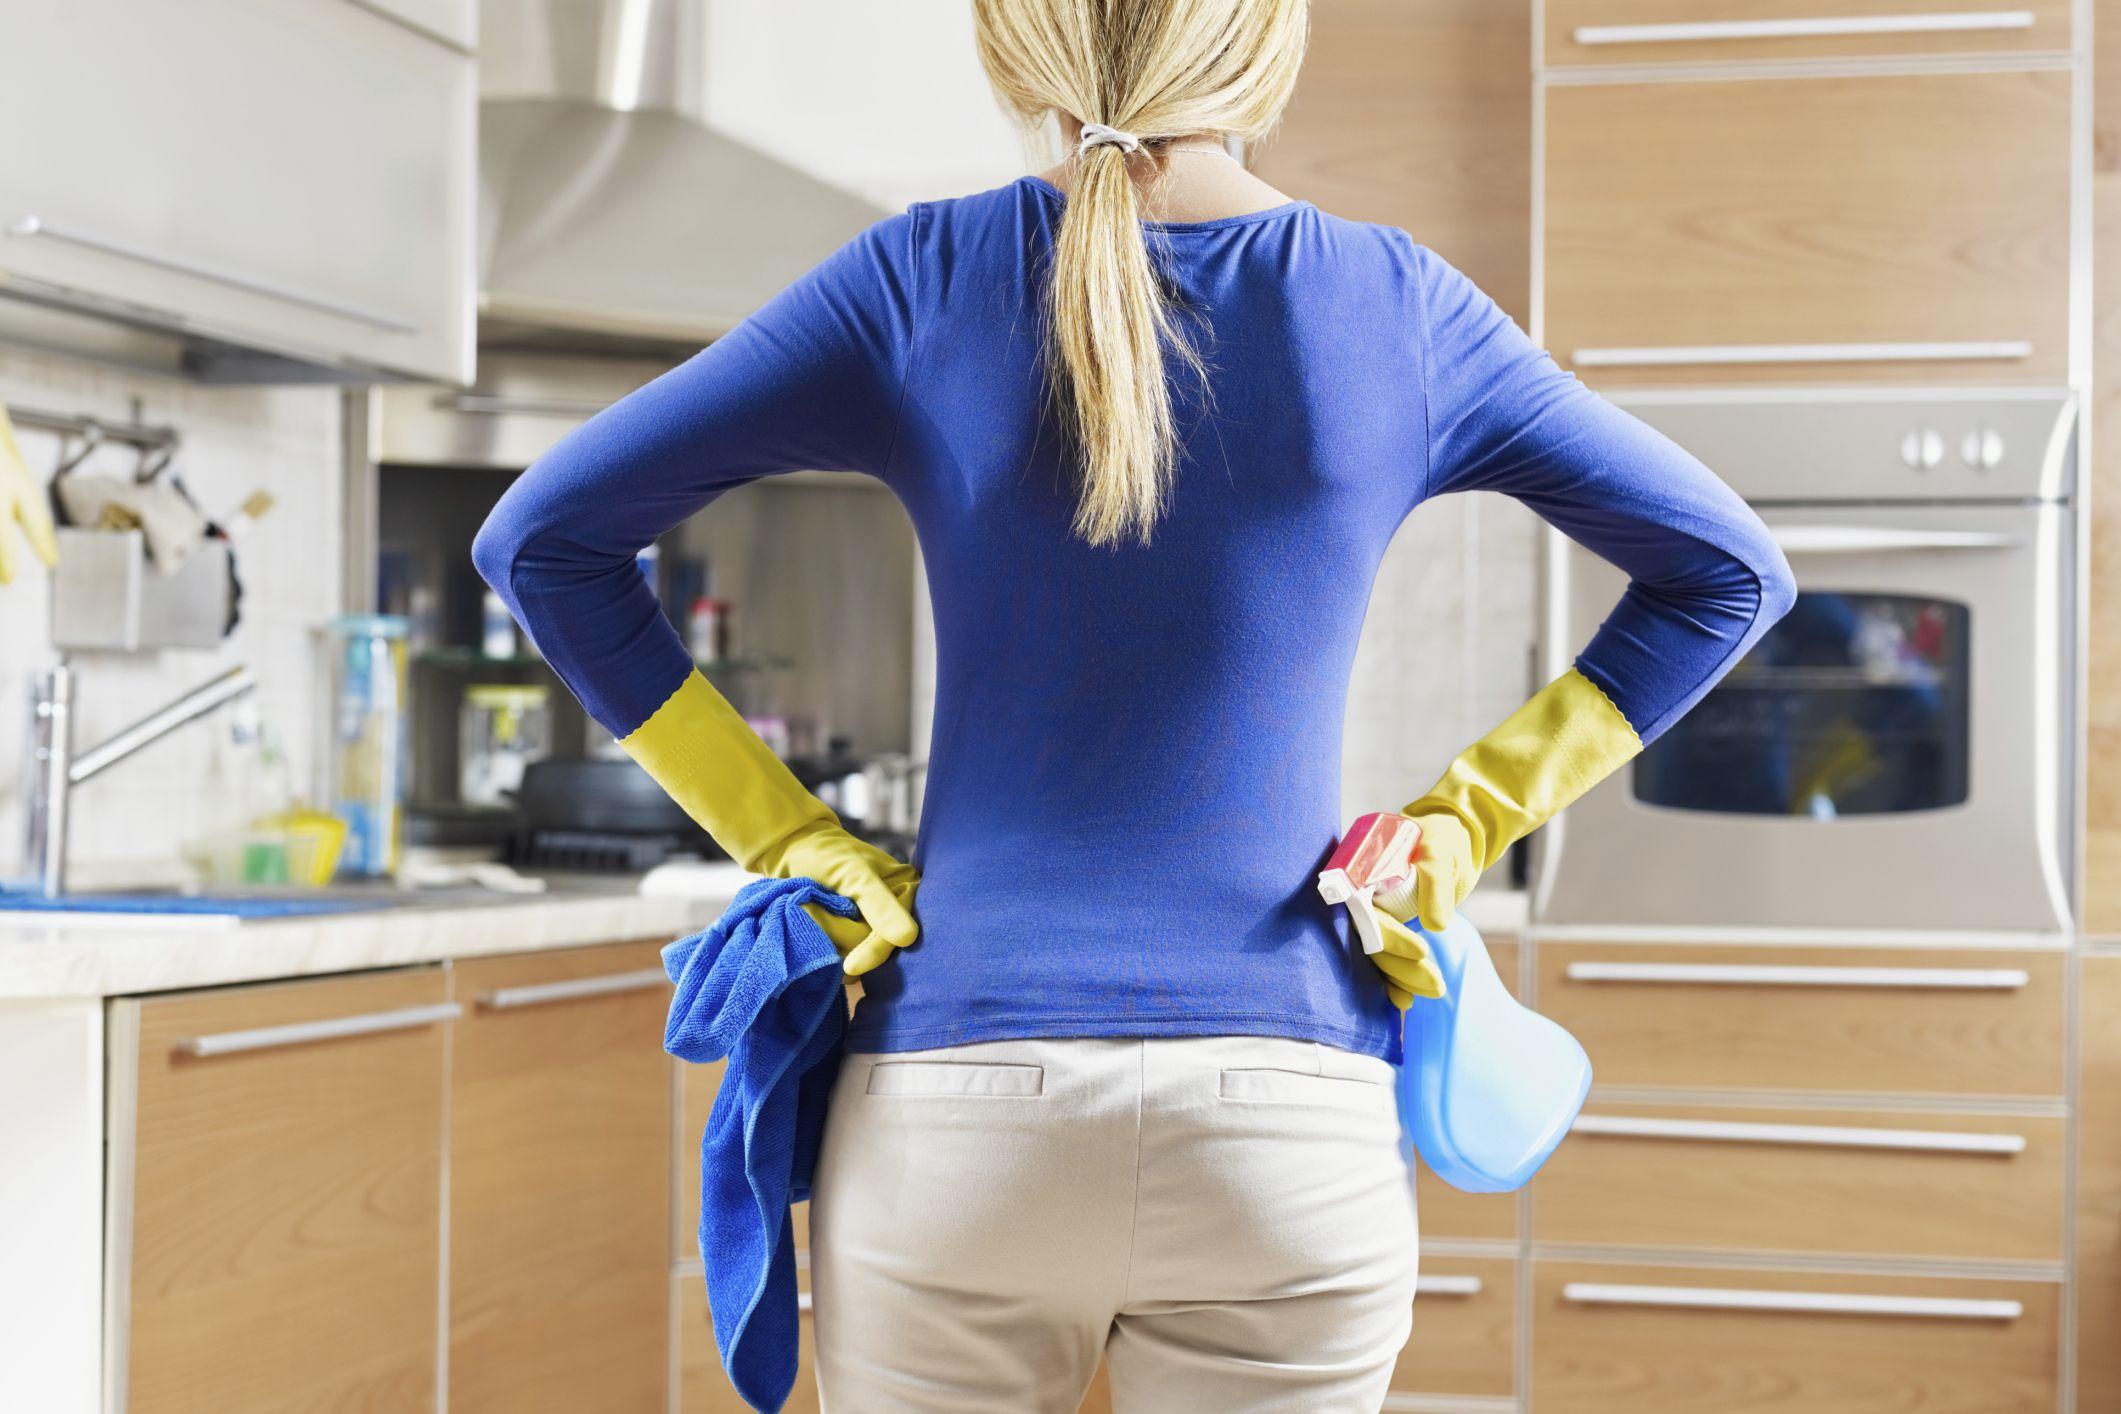 Cât des trebuie să faceți curat în casă dacă vreți să scăpați de microbi și să nu vă îmbolnăviți